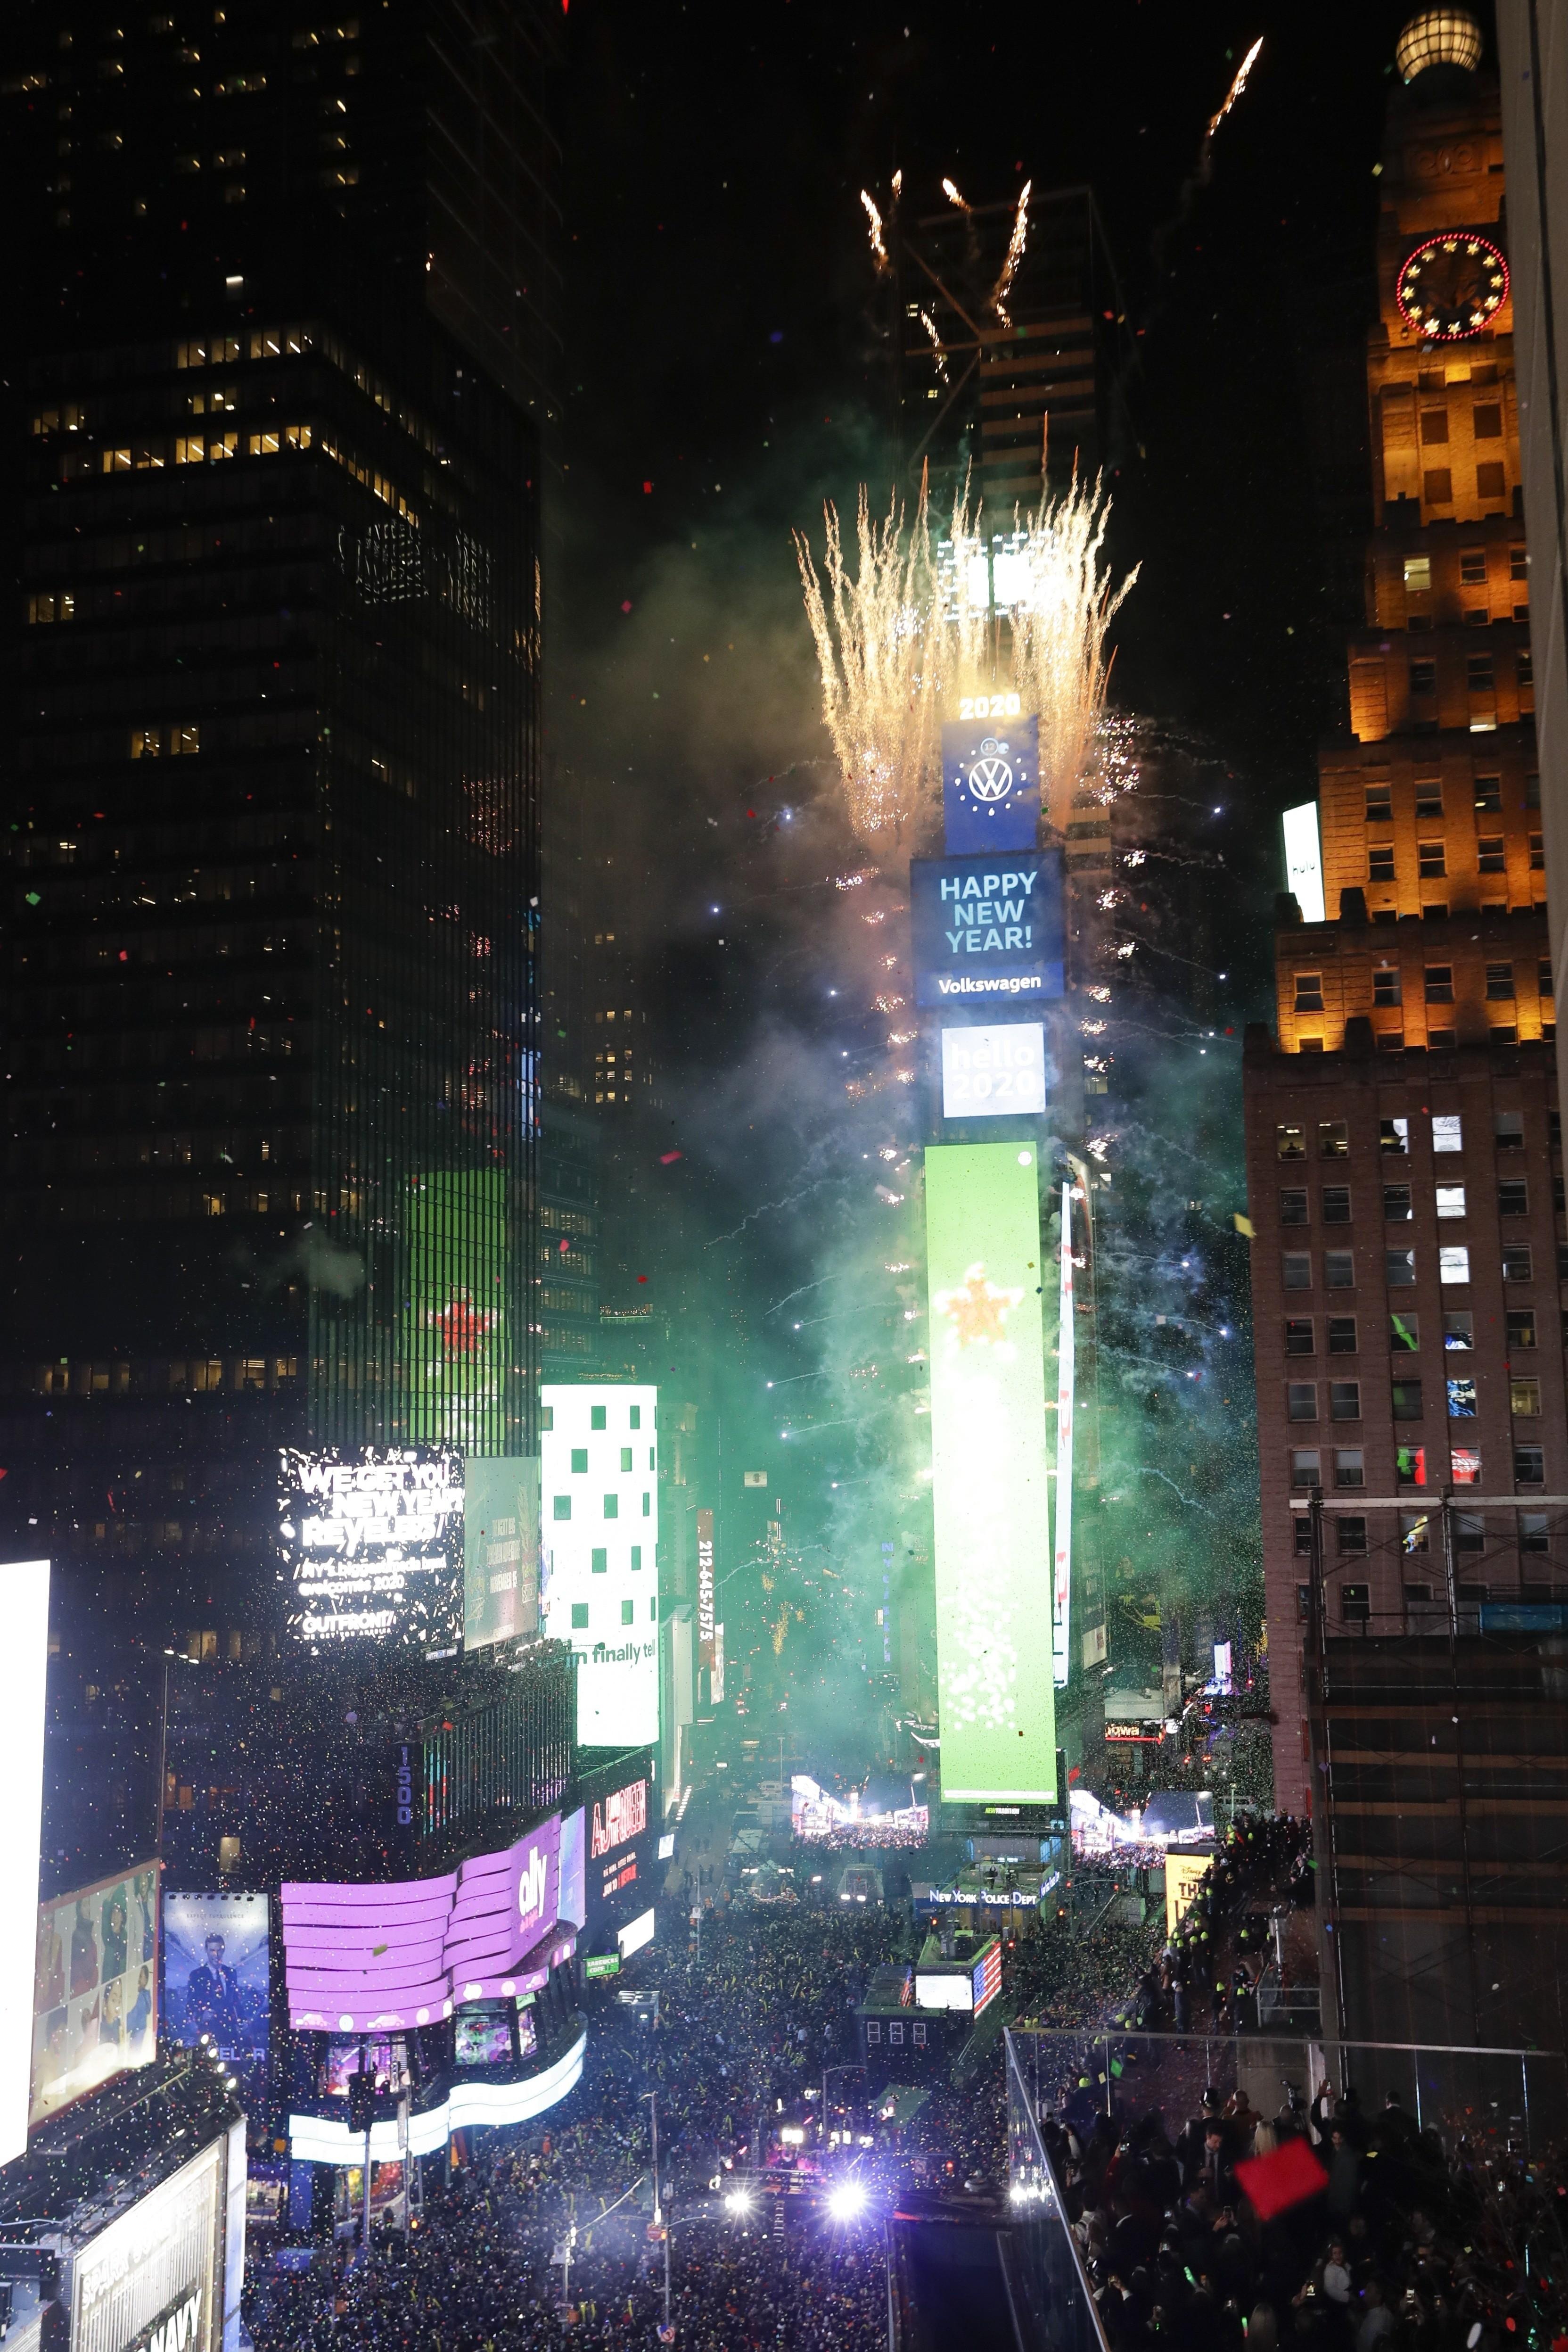 ▲▼ 美國紐約時報廣場2019-2020跨年 。(圖/達志影像/美聯社)